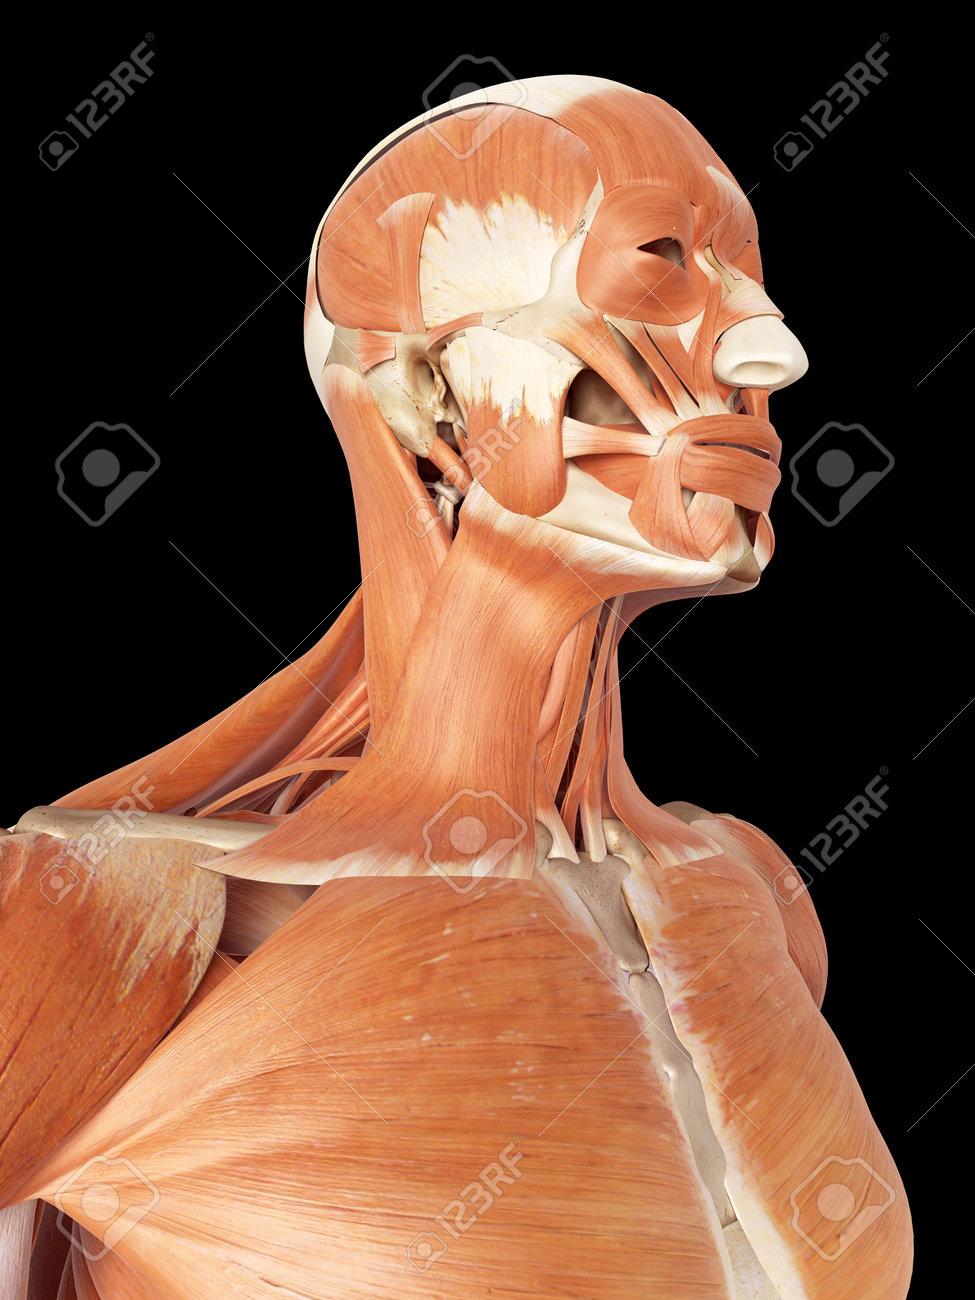 Famoso Diagrama De La Anatomía Cabeza Bandera - Imágenes de Anatomía ...